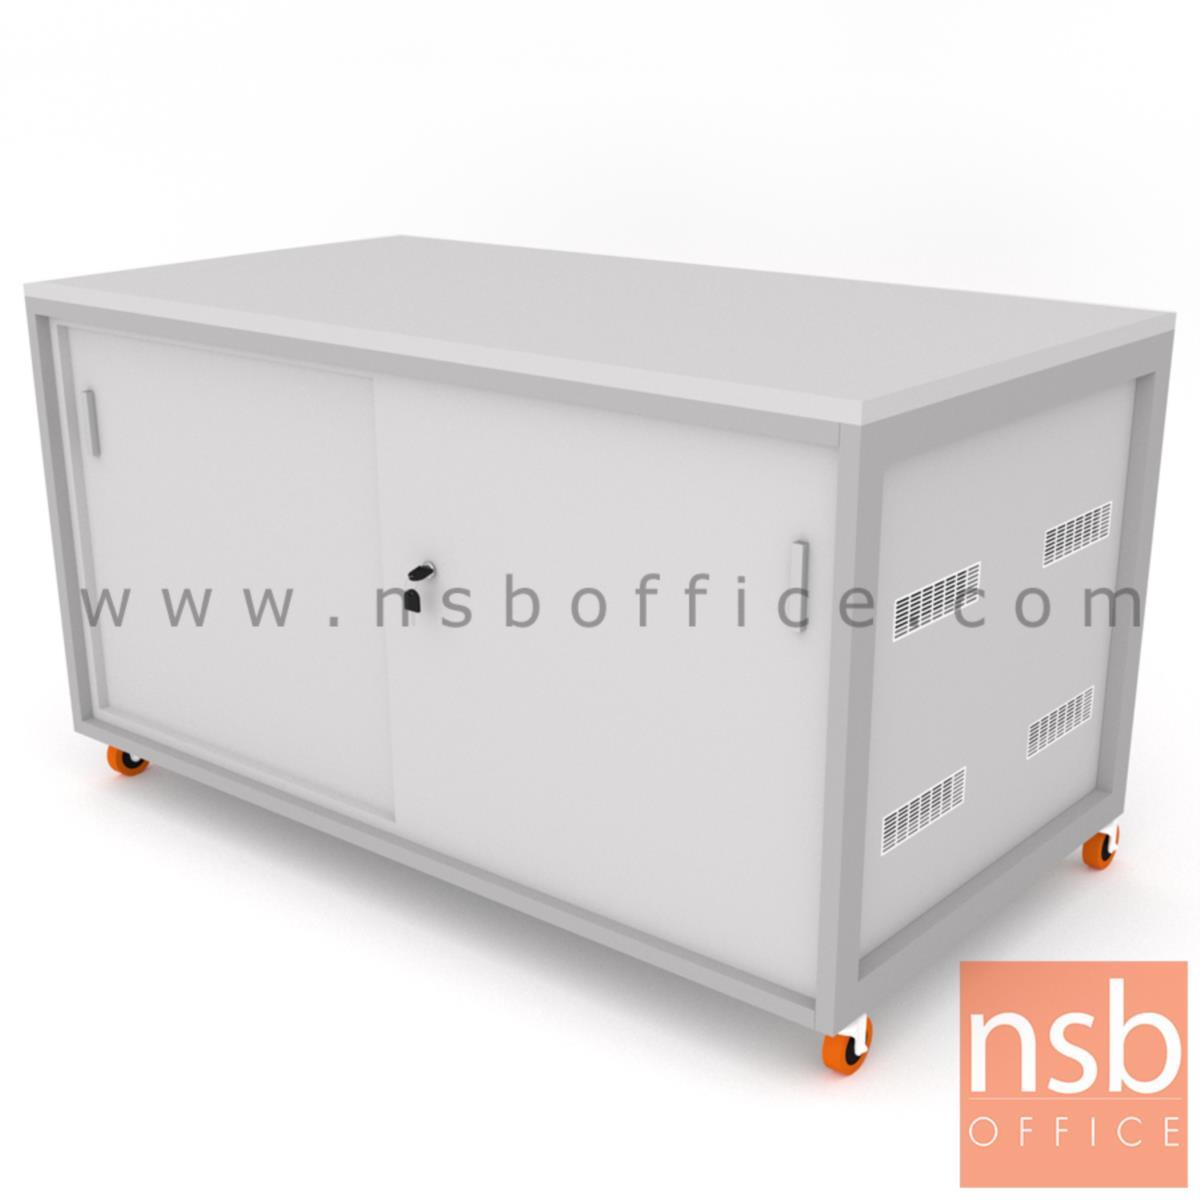 ตู้แลปเก็บอุปกรณ์ บานเลื่อน รุ่น Scenery (ซีนเนอรี่) top HPL ขนาด 150W*80D cm. ล้อเลื่อน